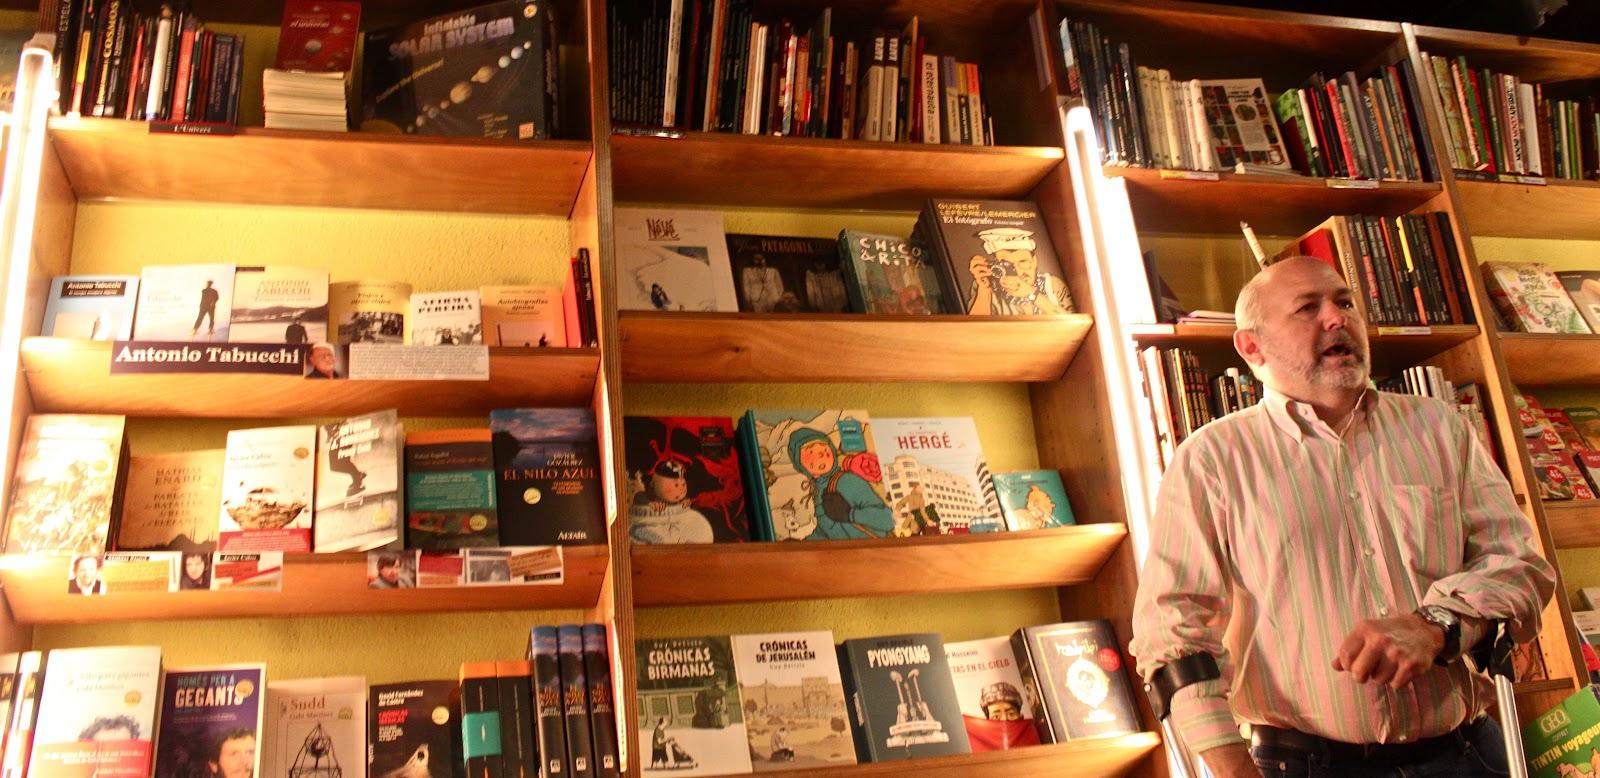 Pep Bernadas en la librería Altair |Fotografía:  Arlene Bayliss